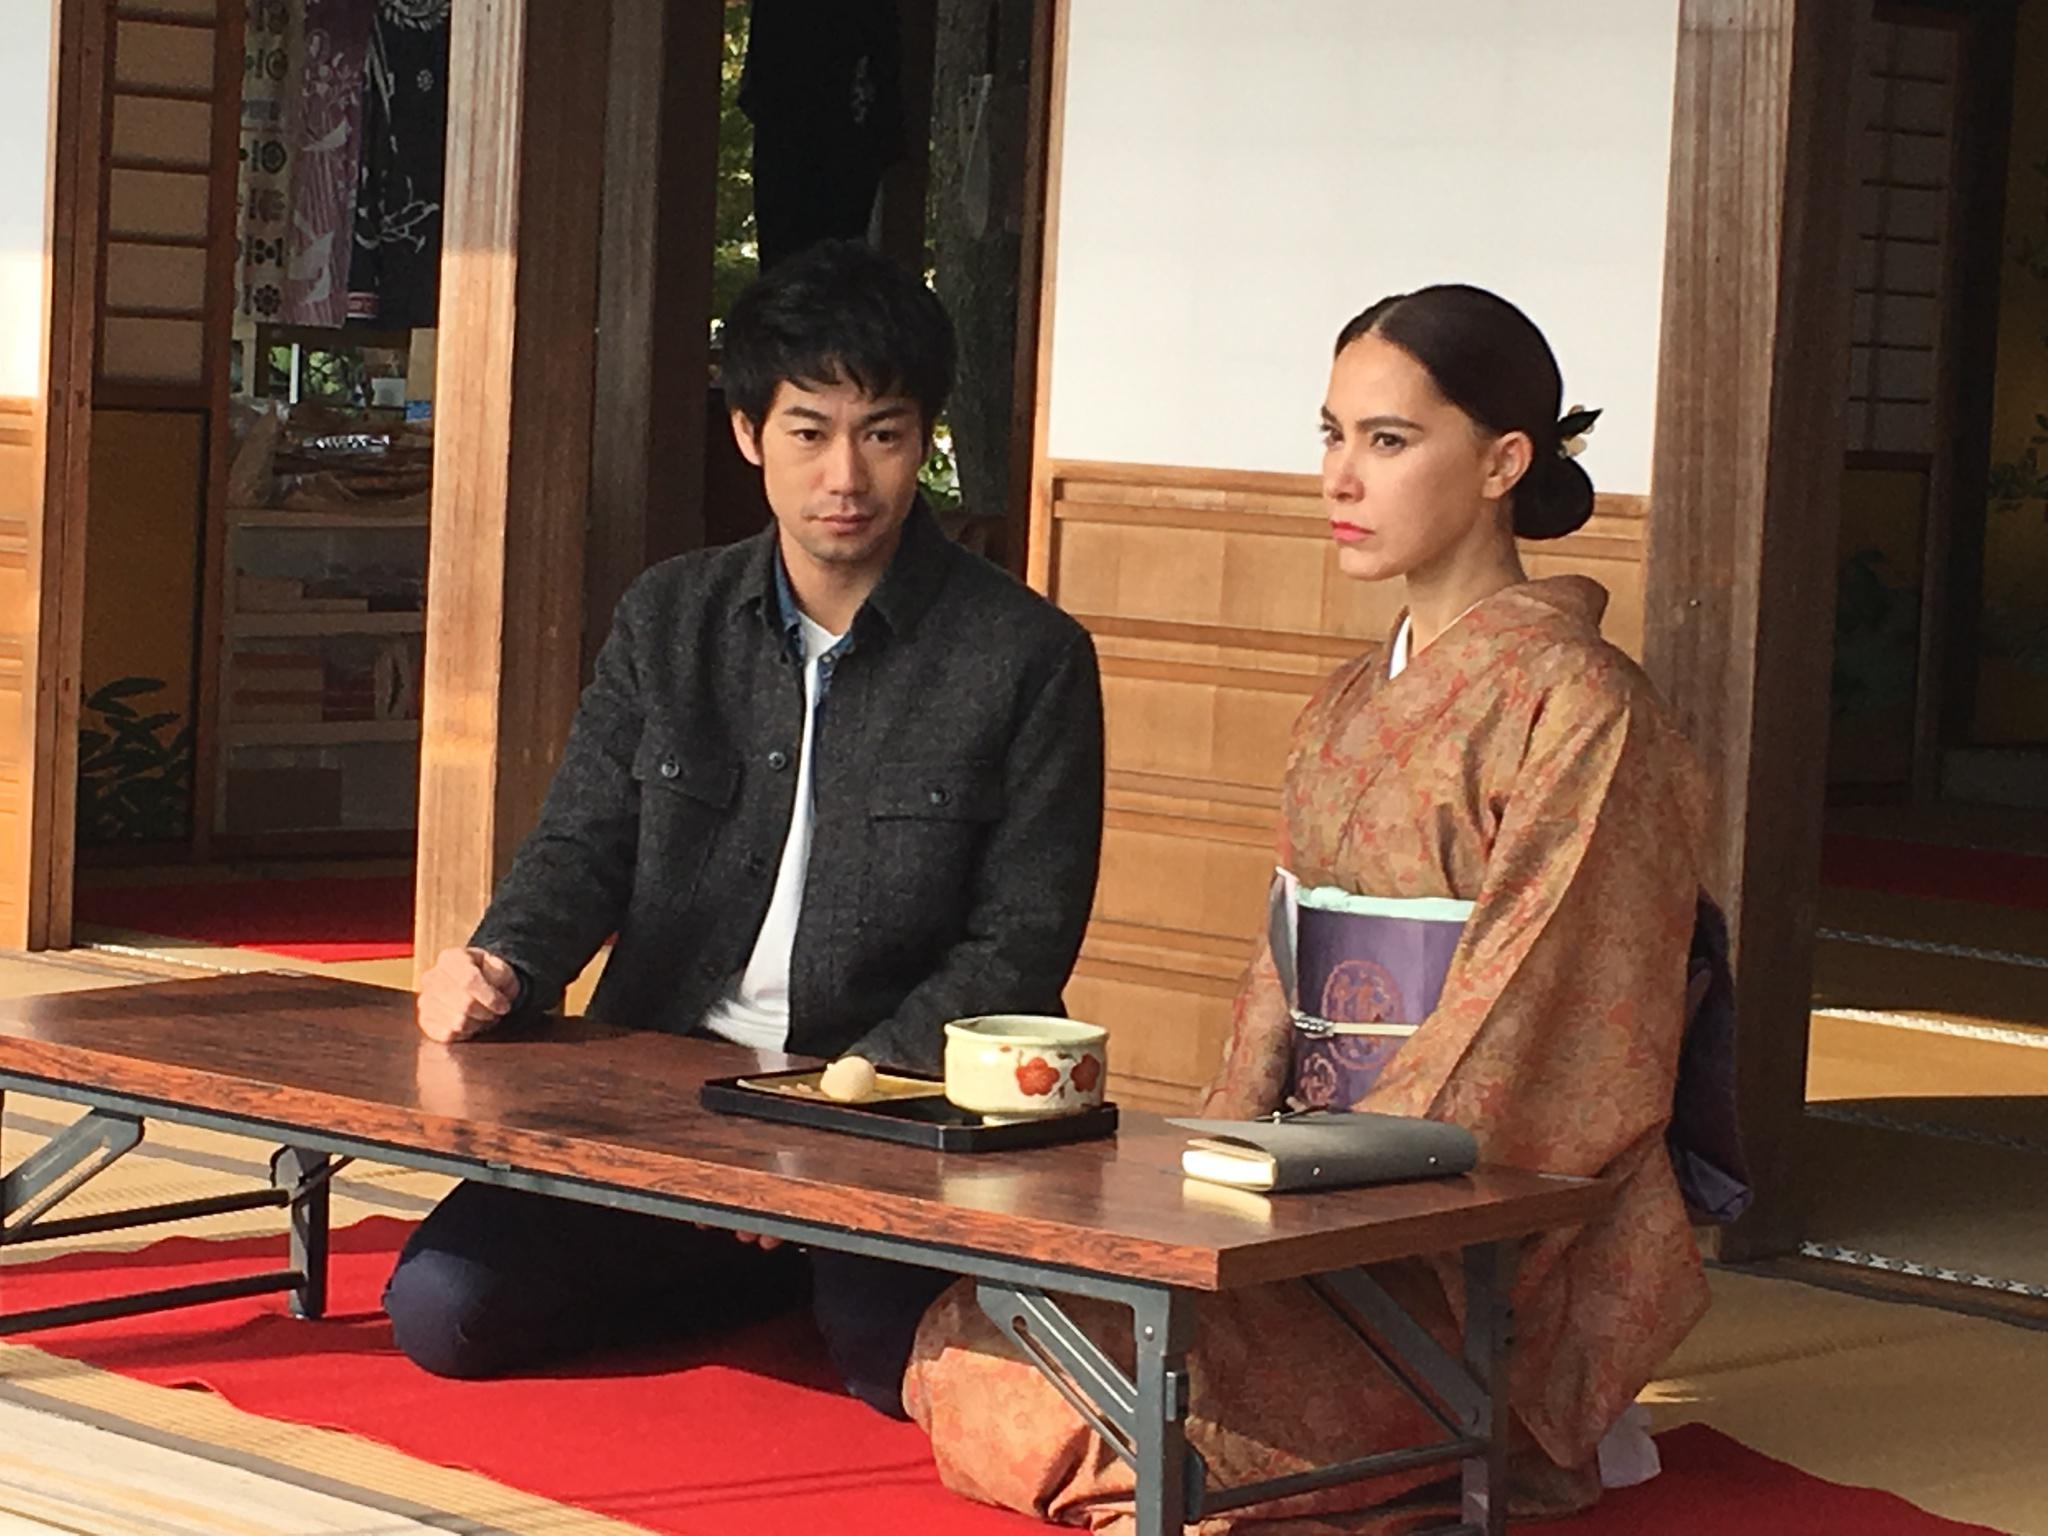 タイドラマの撮影に参加しました*\(^o^)/*